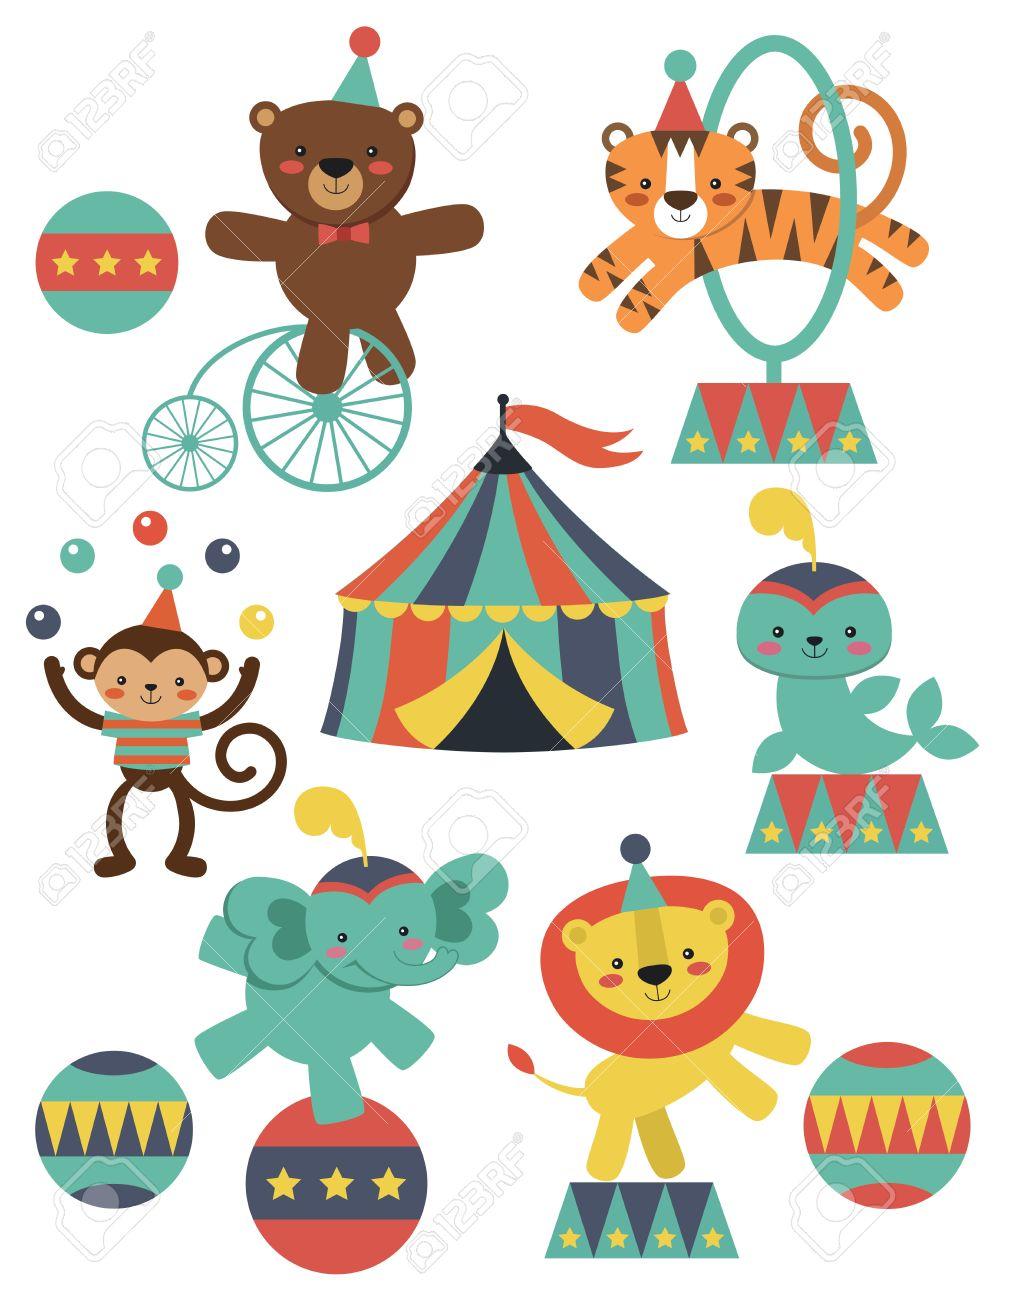 かわいいサーカスの動物のコレクション ベクトル イラストのイラスト